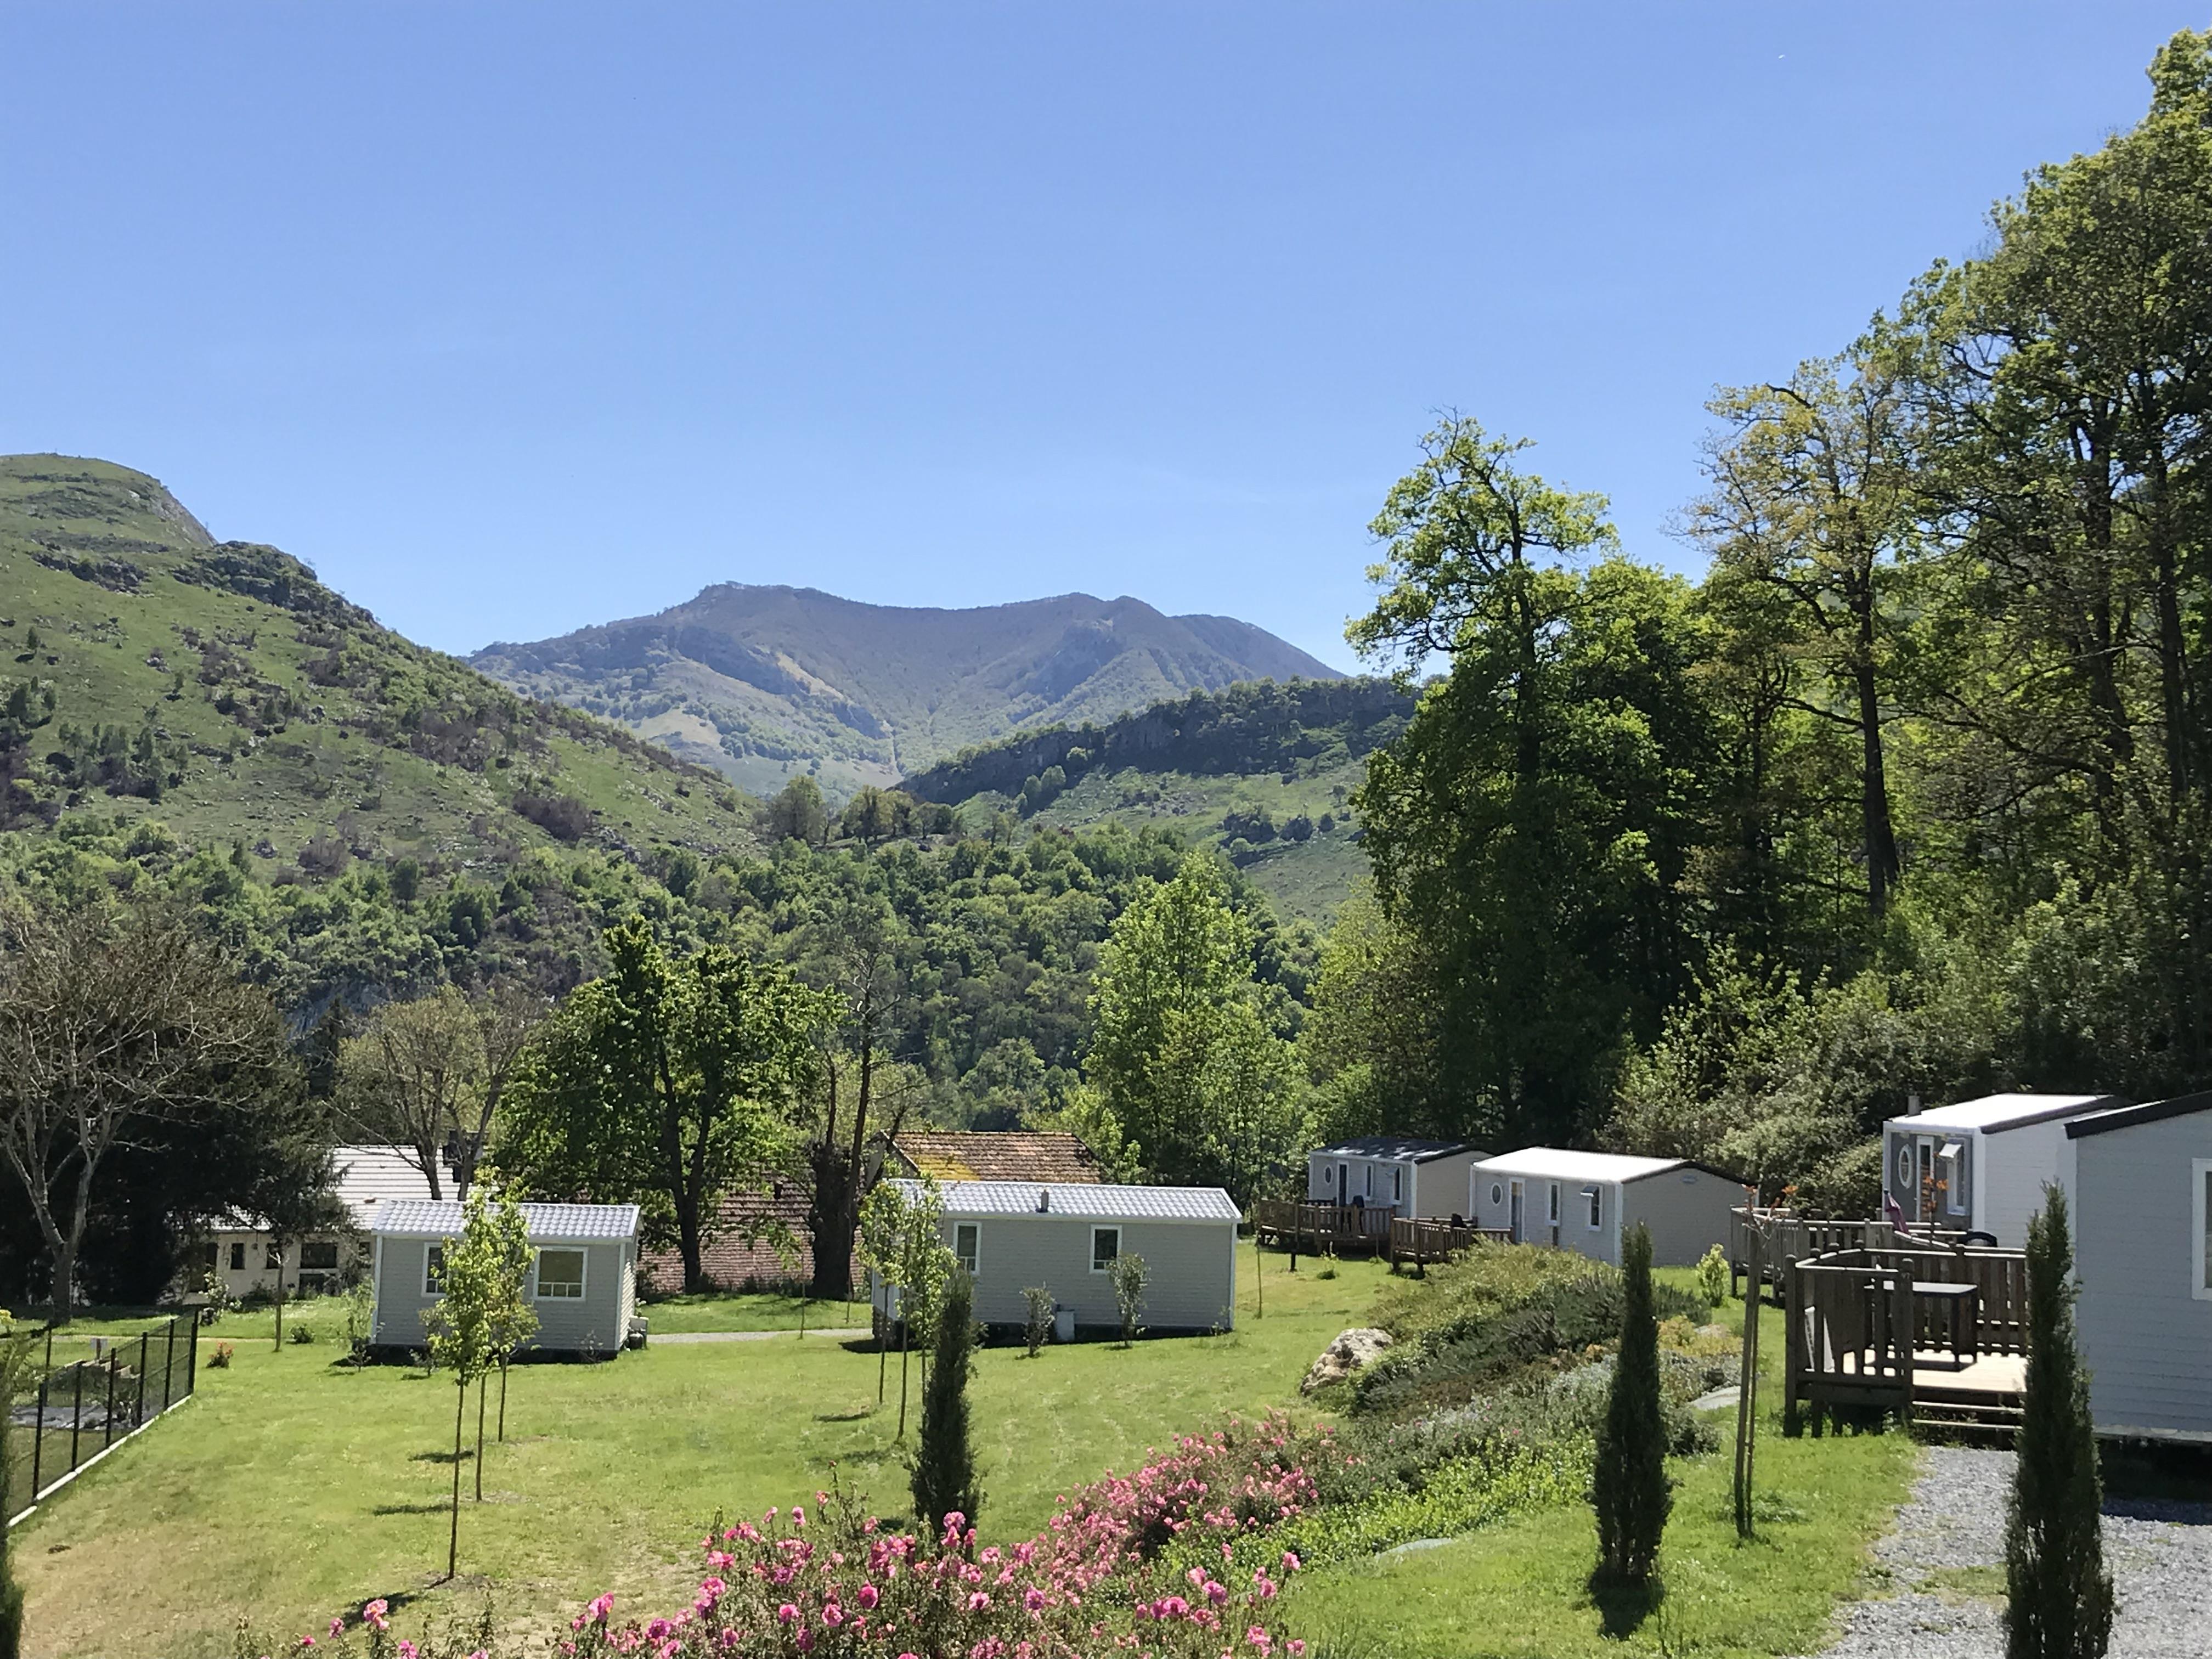 Camping d'Arrouach, Lourdes, Hautes-Pyrénées